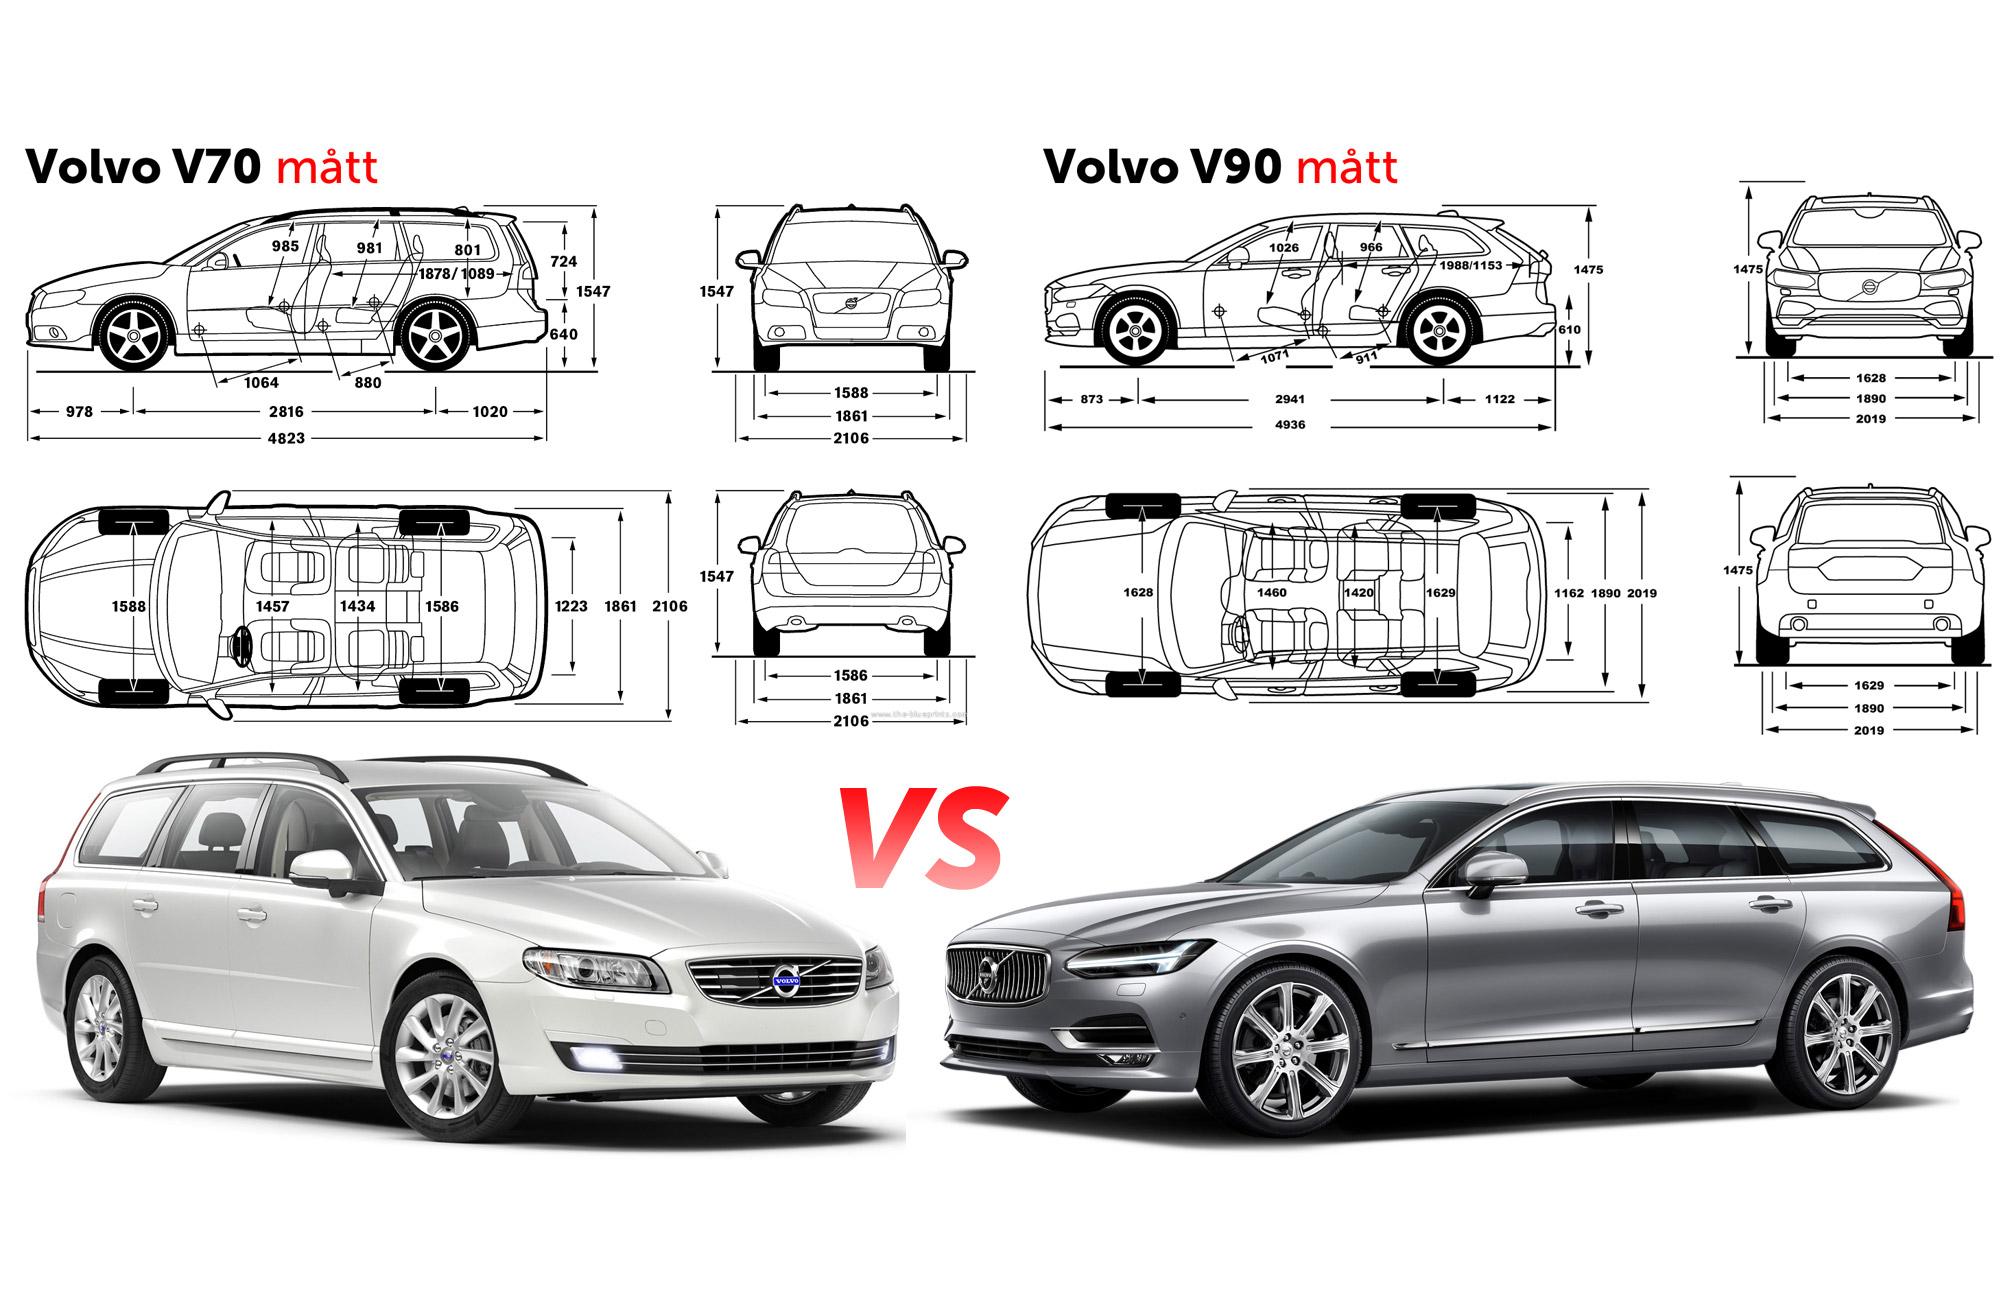 Afmetingen Volvo V90 vs Volvo V70  CARBLOGGER